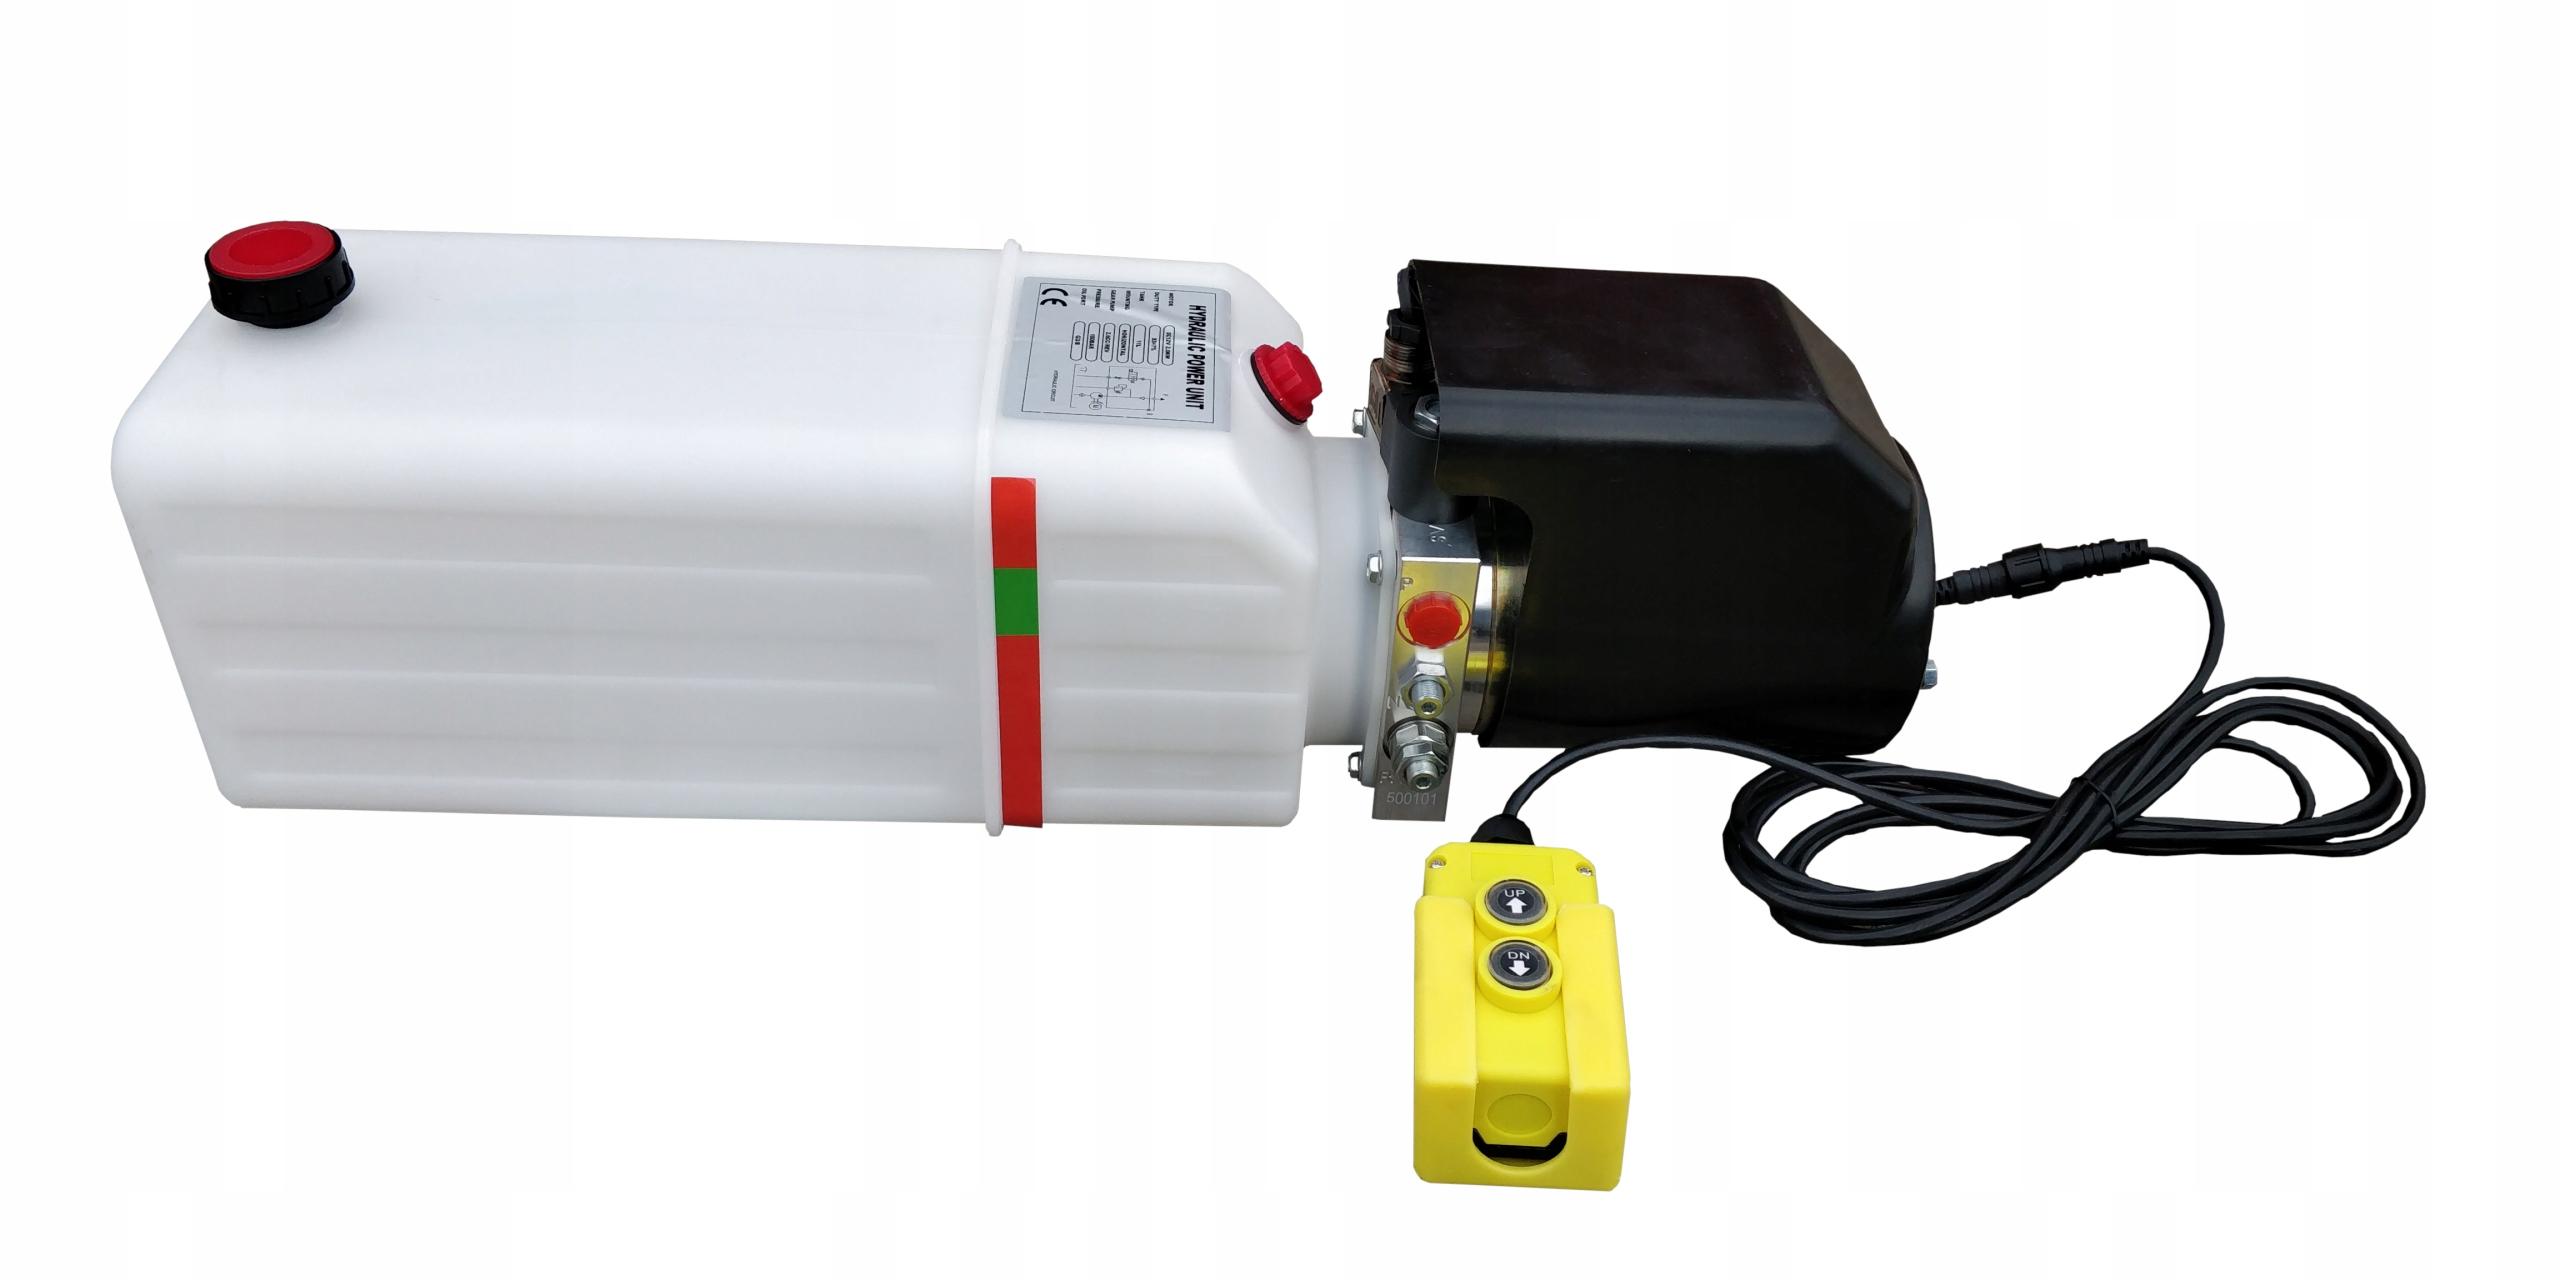 приводимый в действие гидравлический насос блок питания 2 0 квт 12v 11l